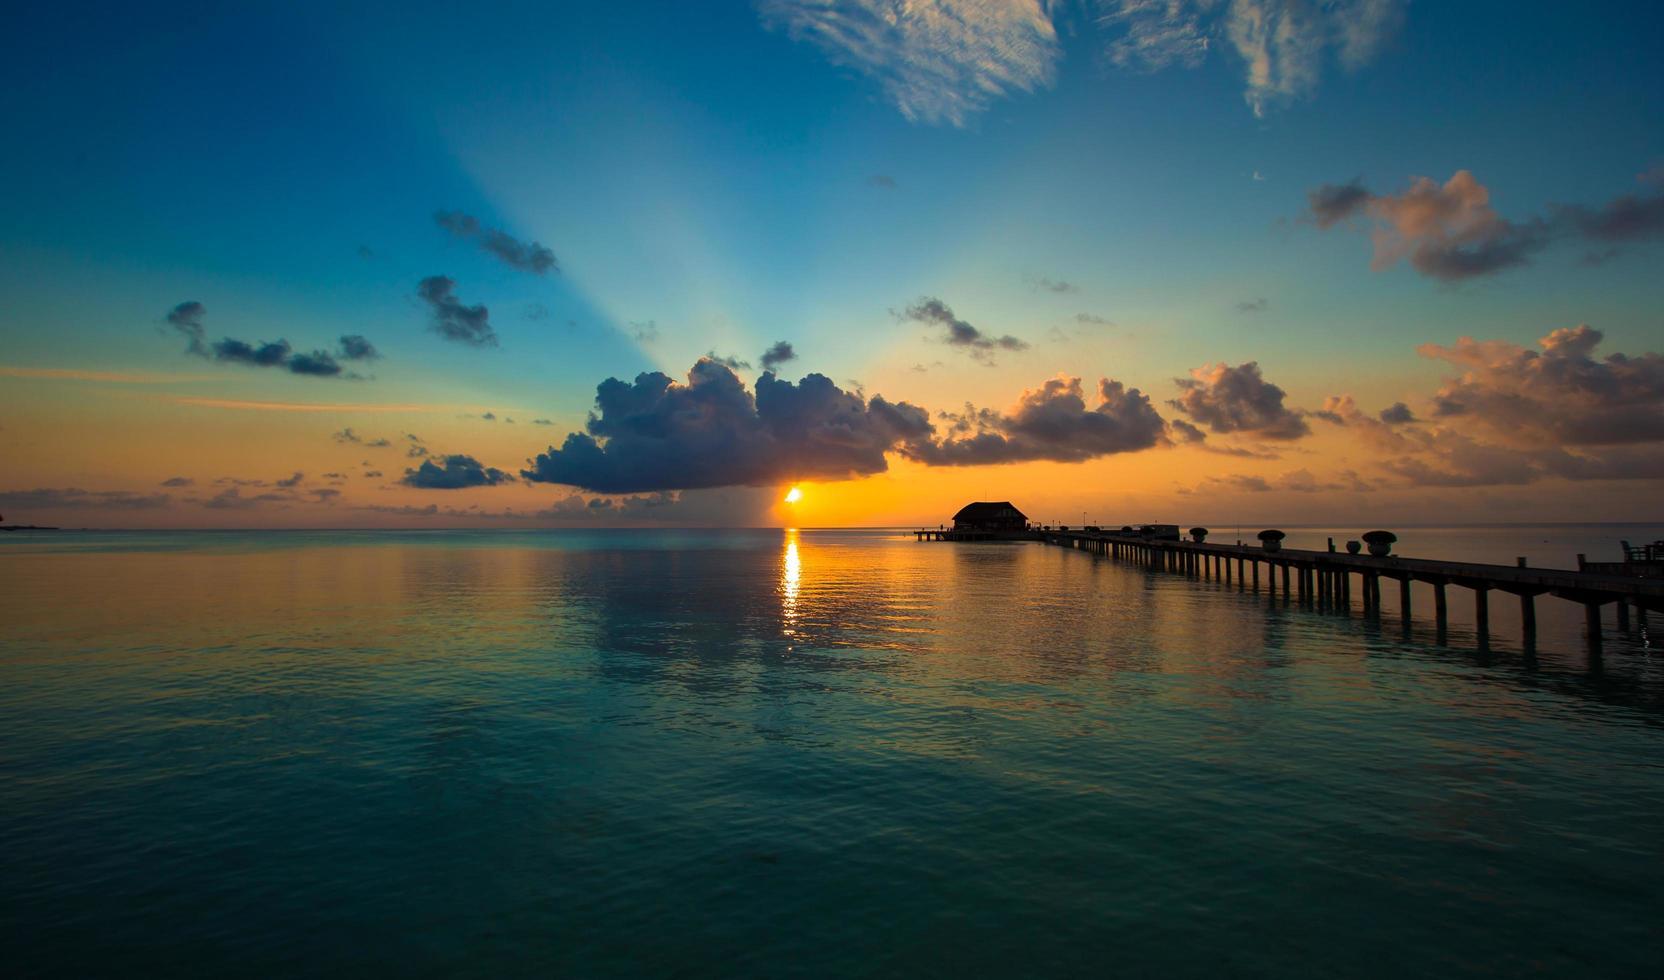 maldiverna, Sydasien, 2020 - färgglad solnedgång på en tropisk ö foto